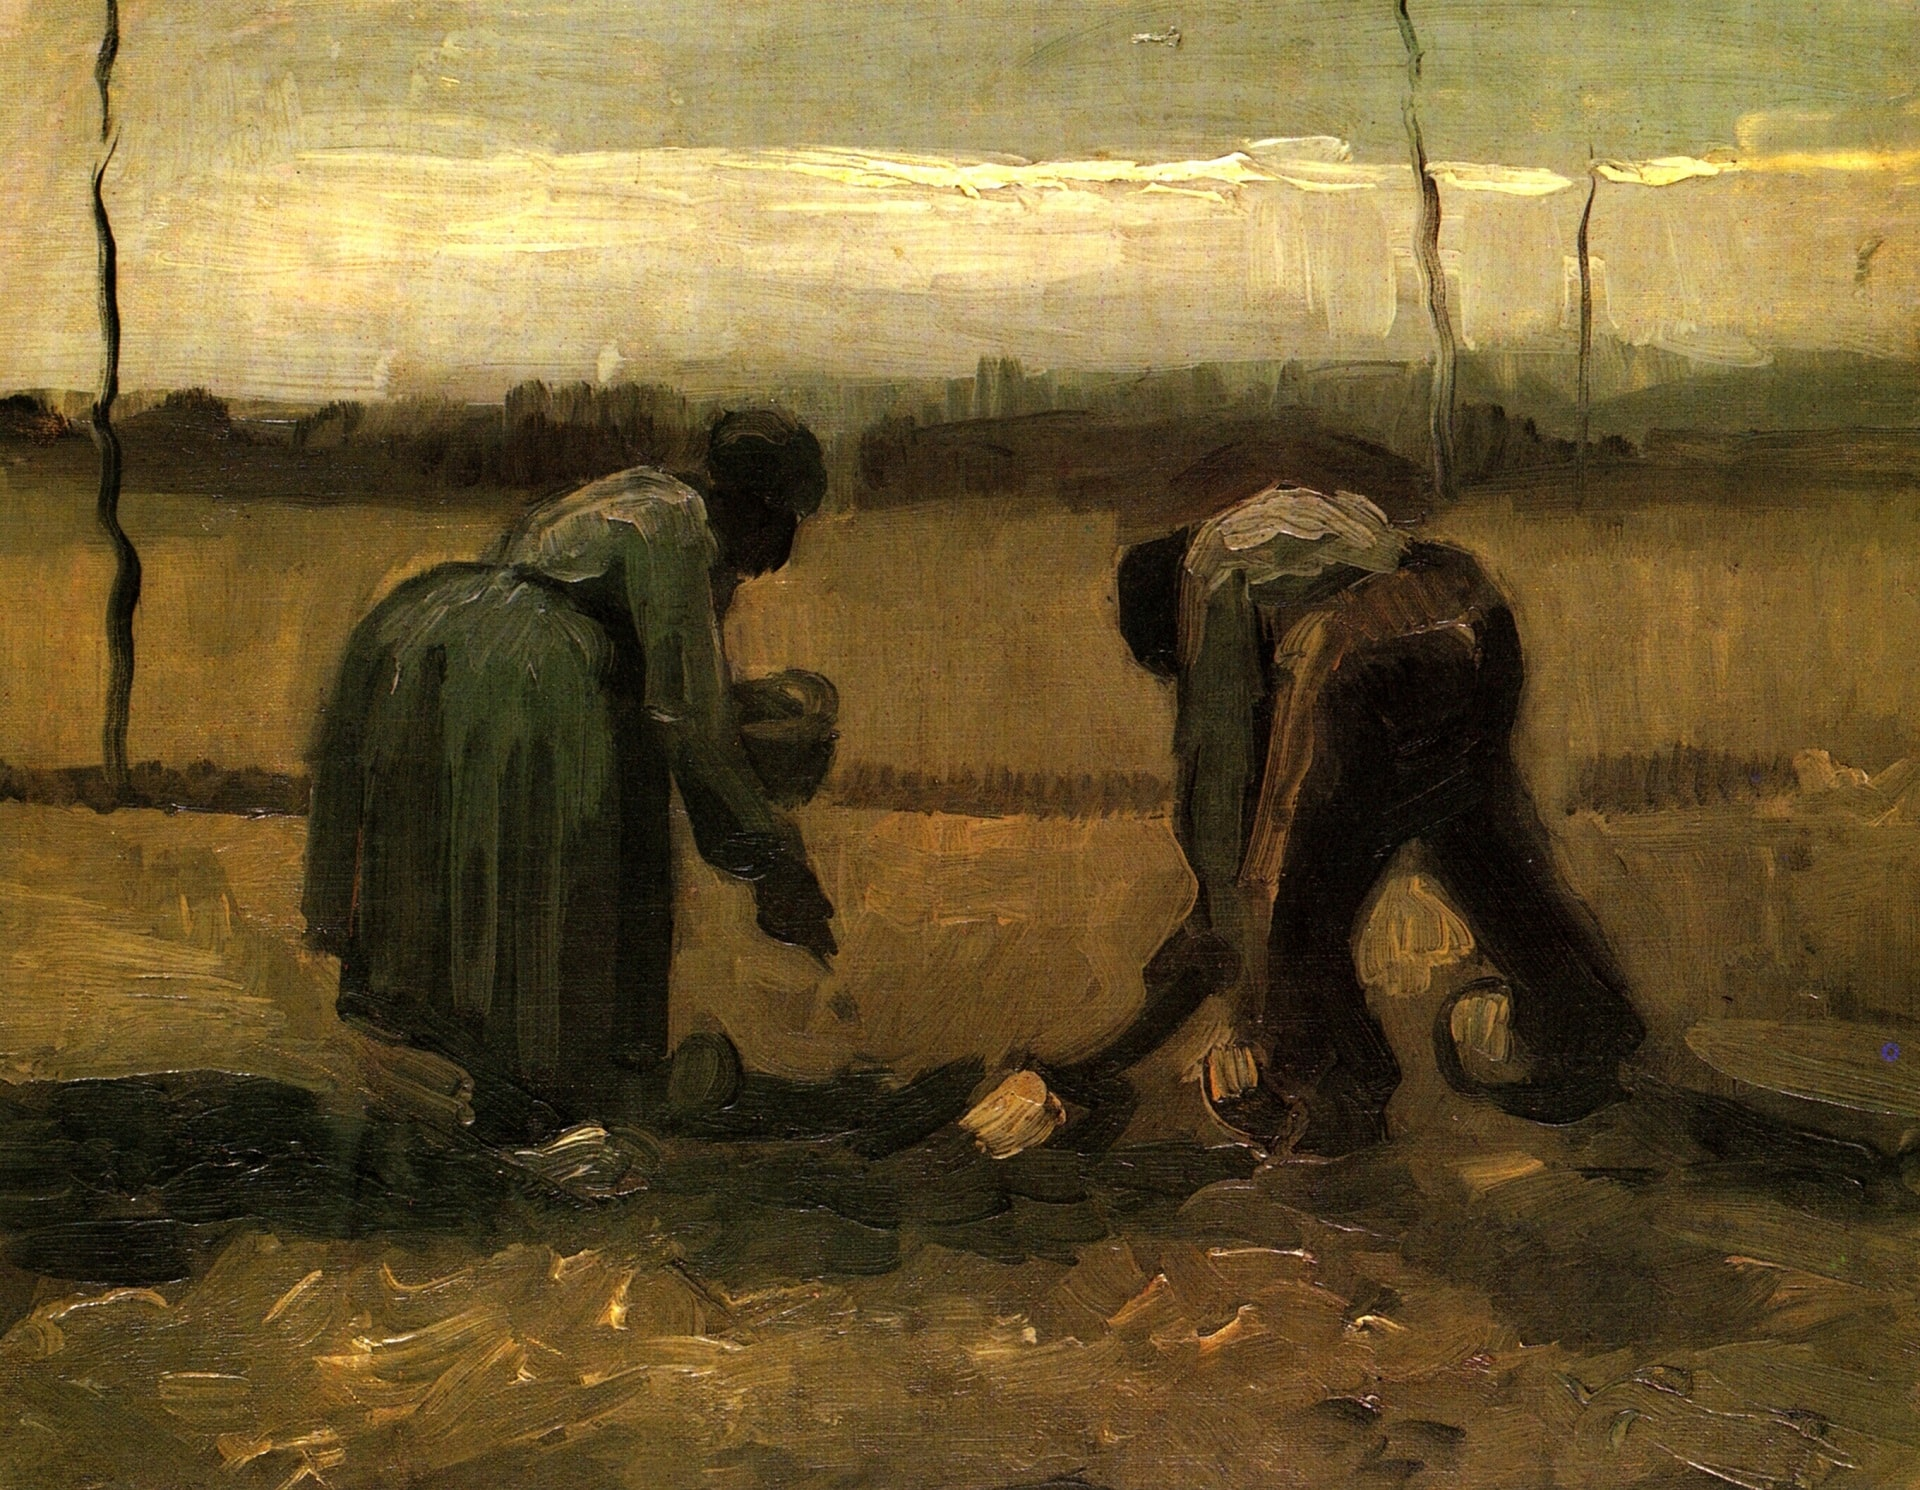 Культура возделывания картофеля была такая же как в Европе